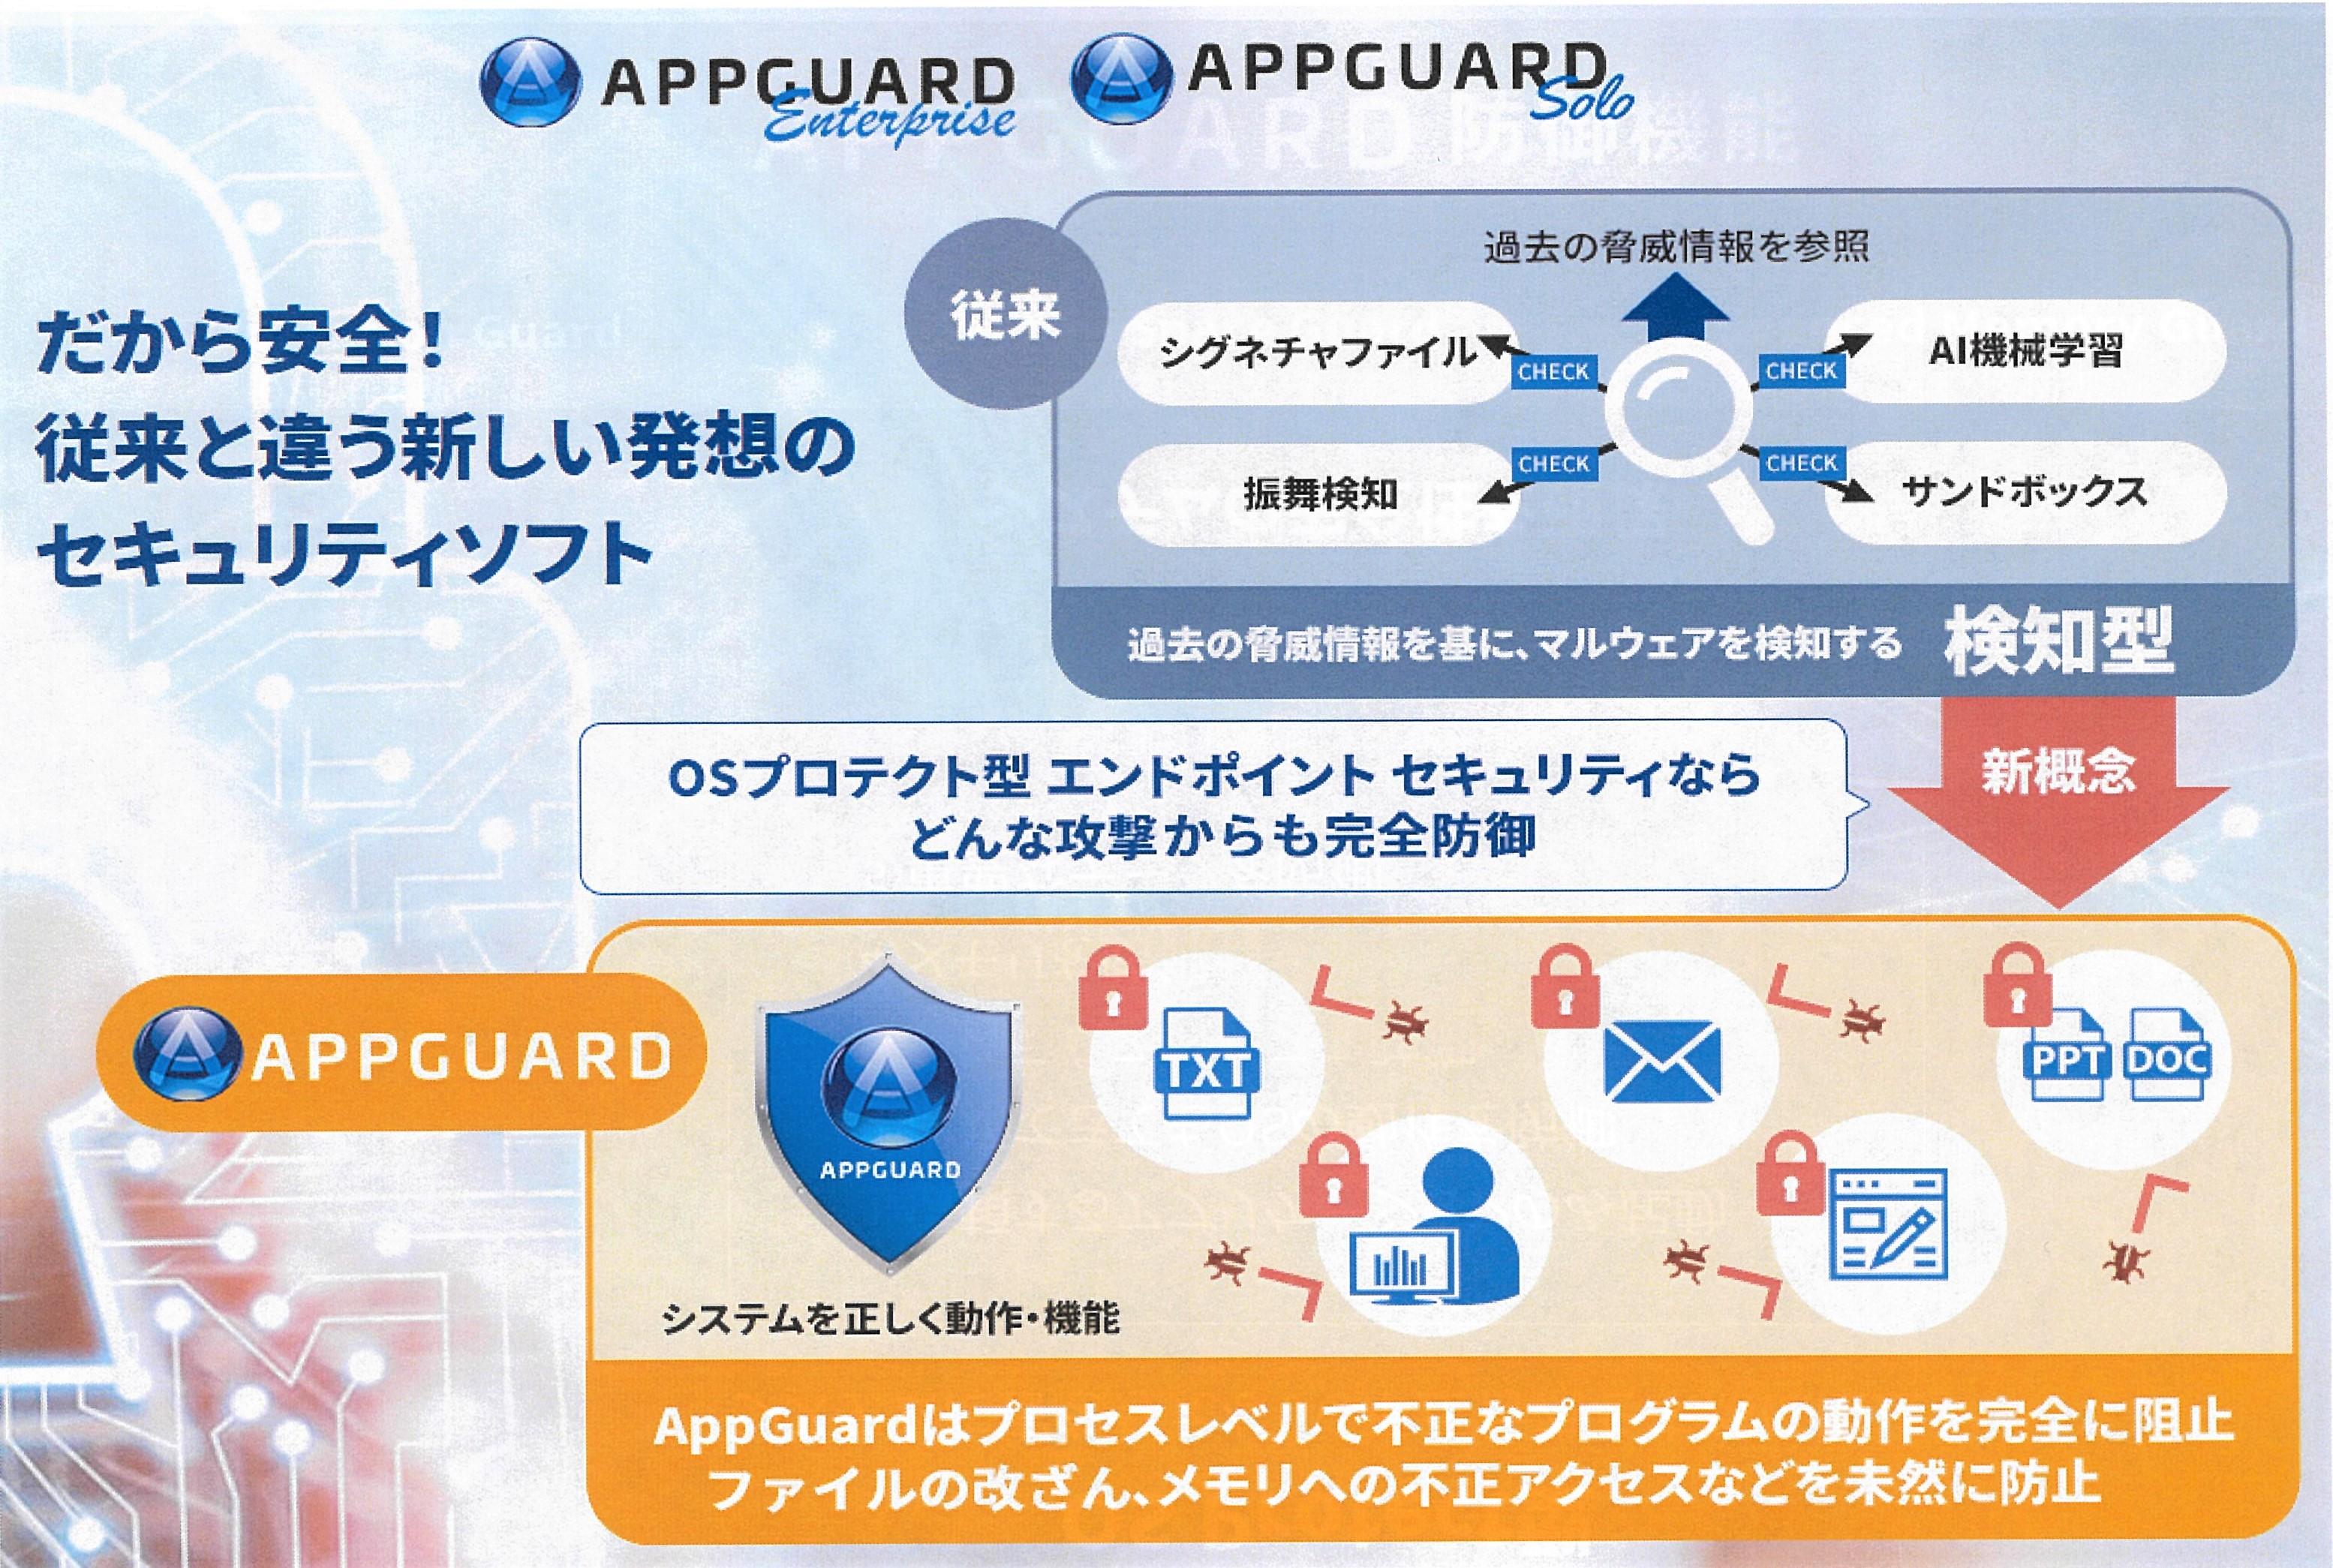 appguard-05